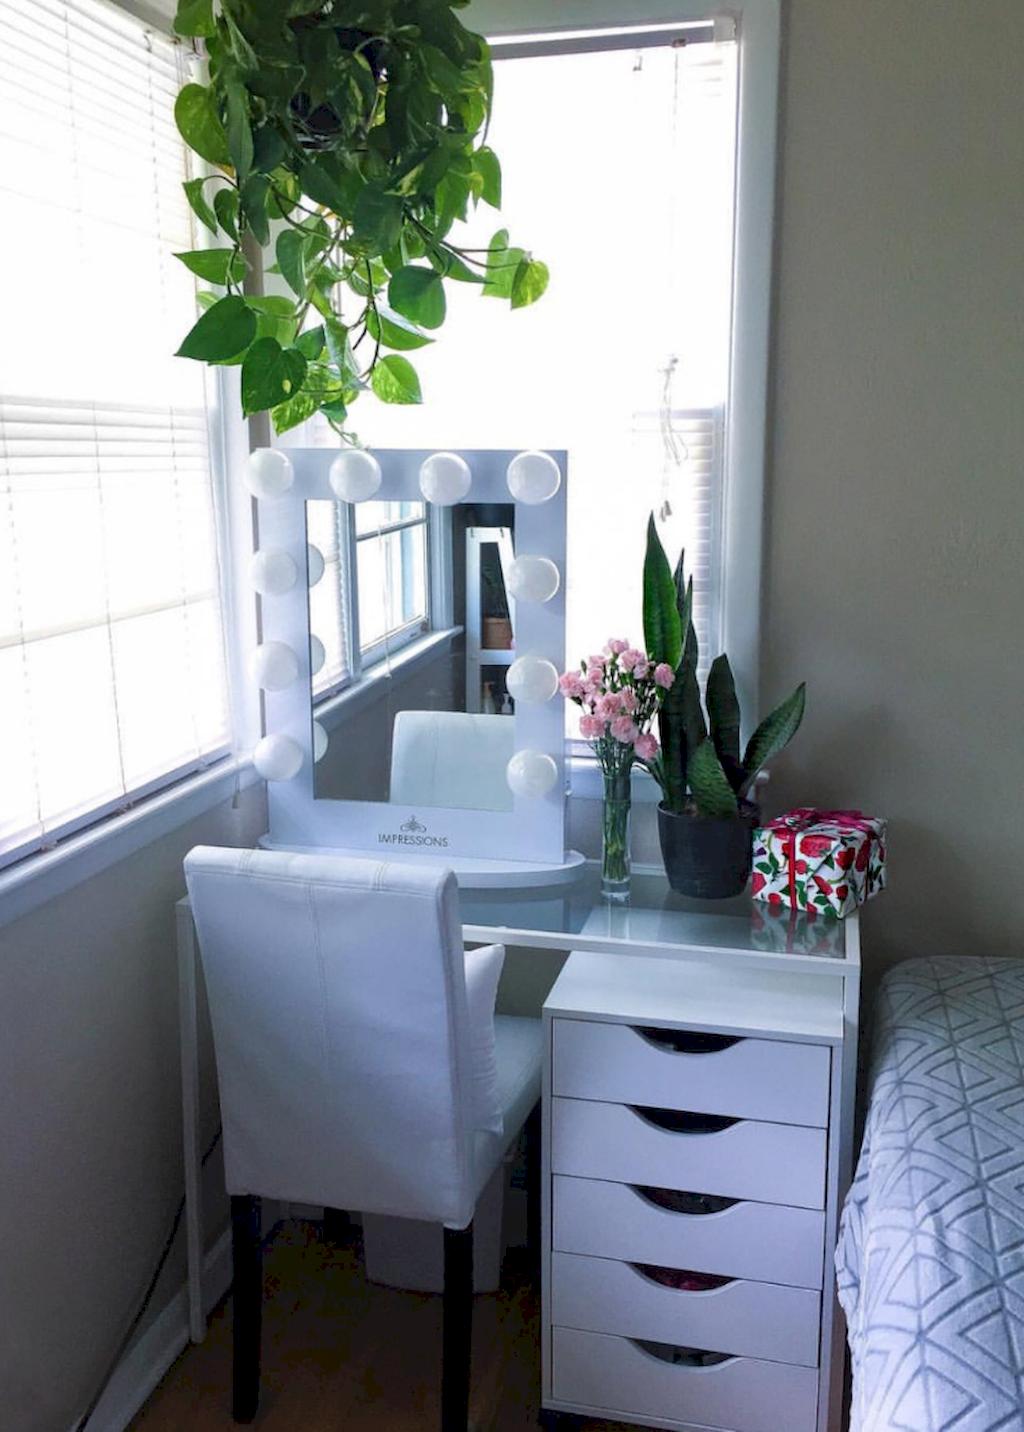 Attractive Choosing The Right Bedroom Vanity Small Space Bedroom Makeup Room Decor Bedroom Vanity